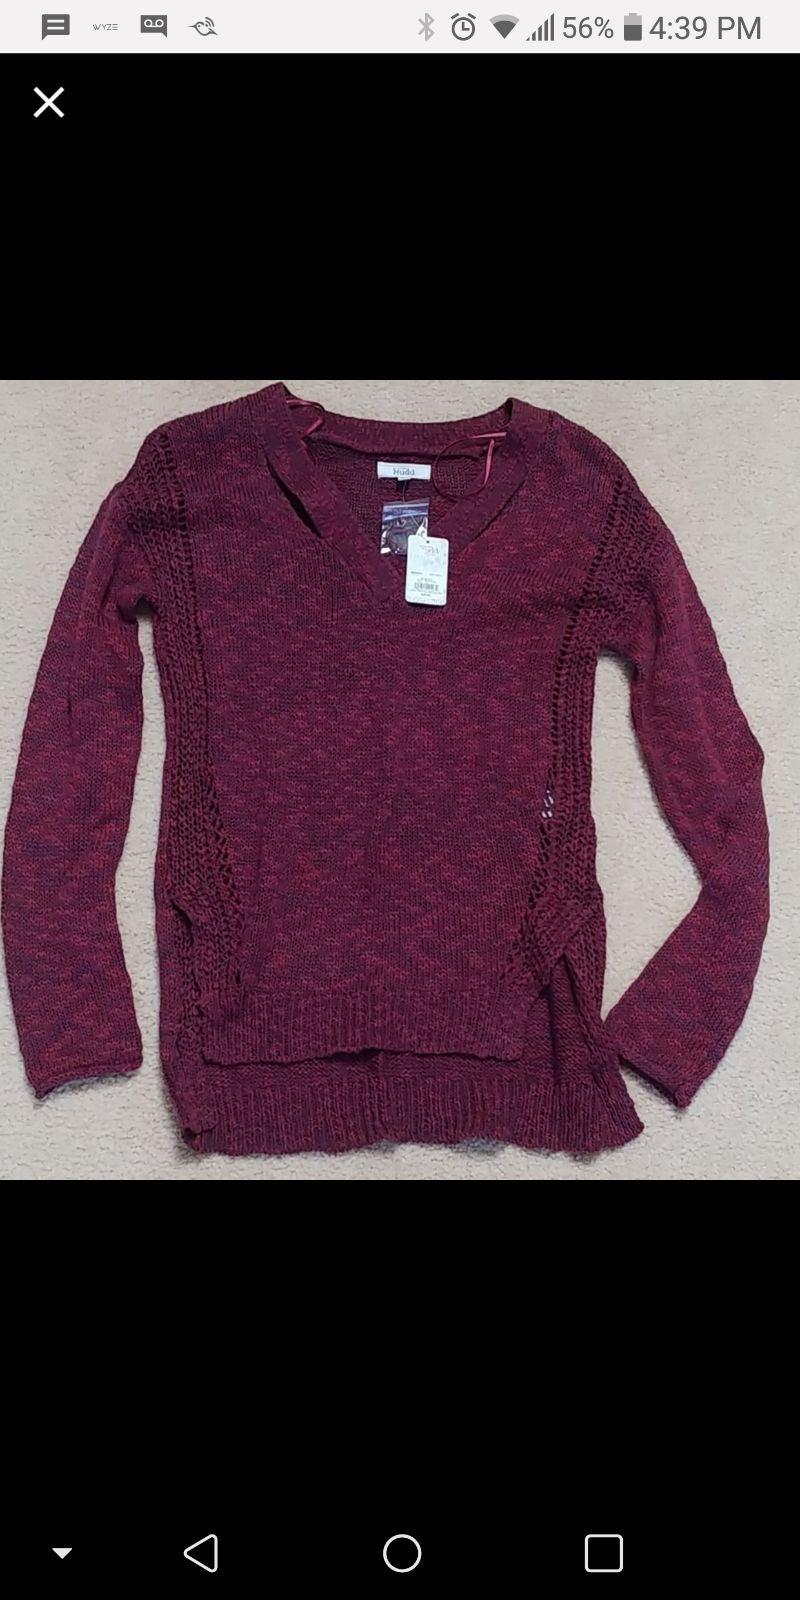 Mudd Sweater- Never worn